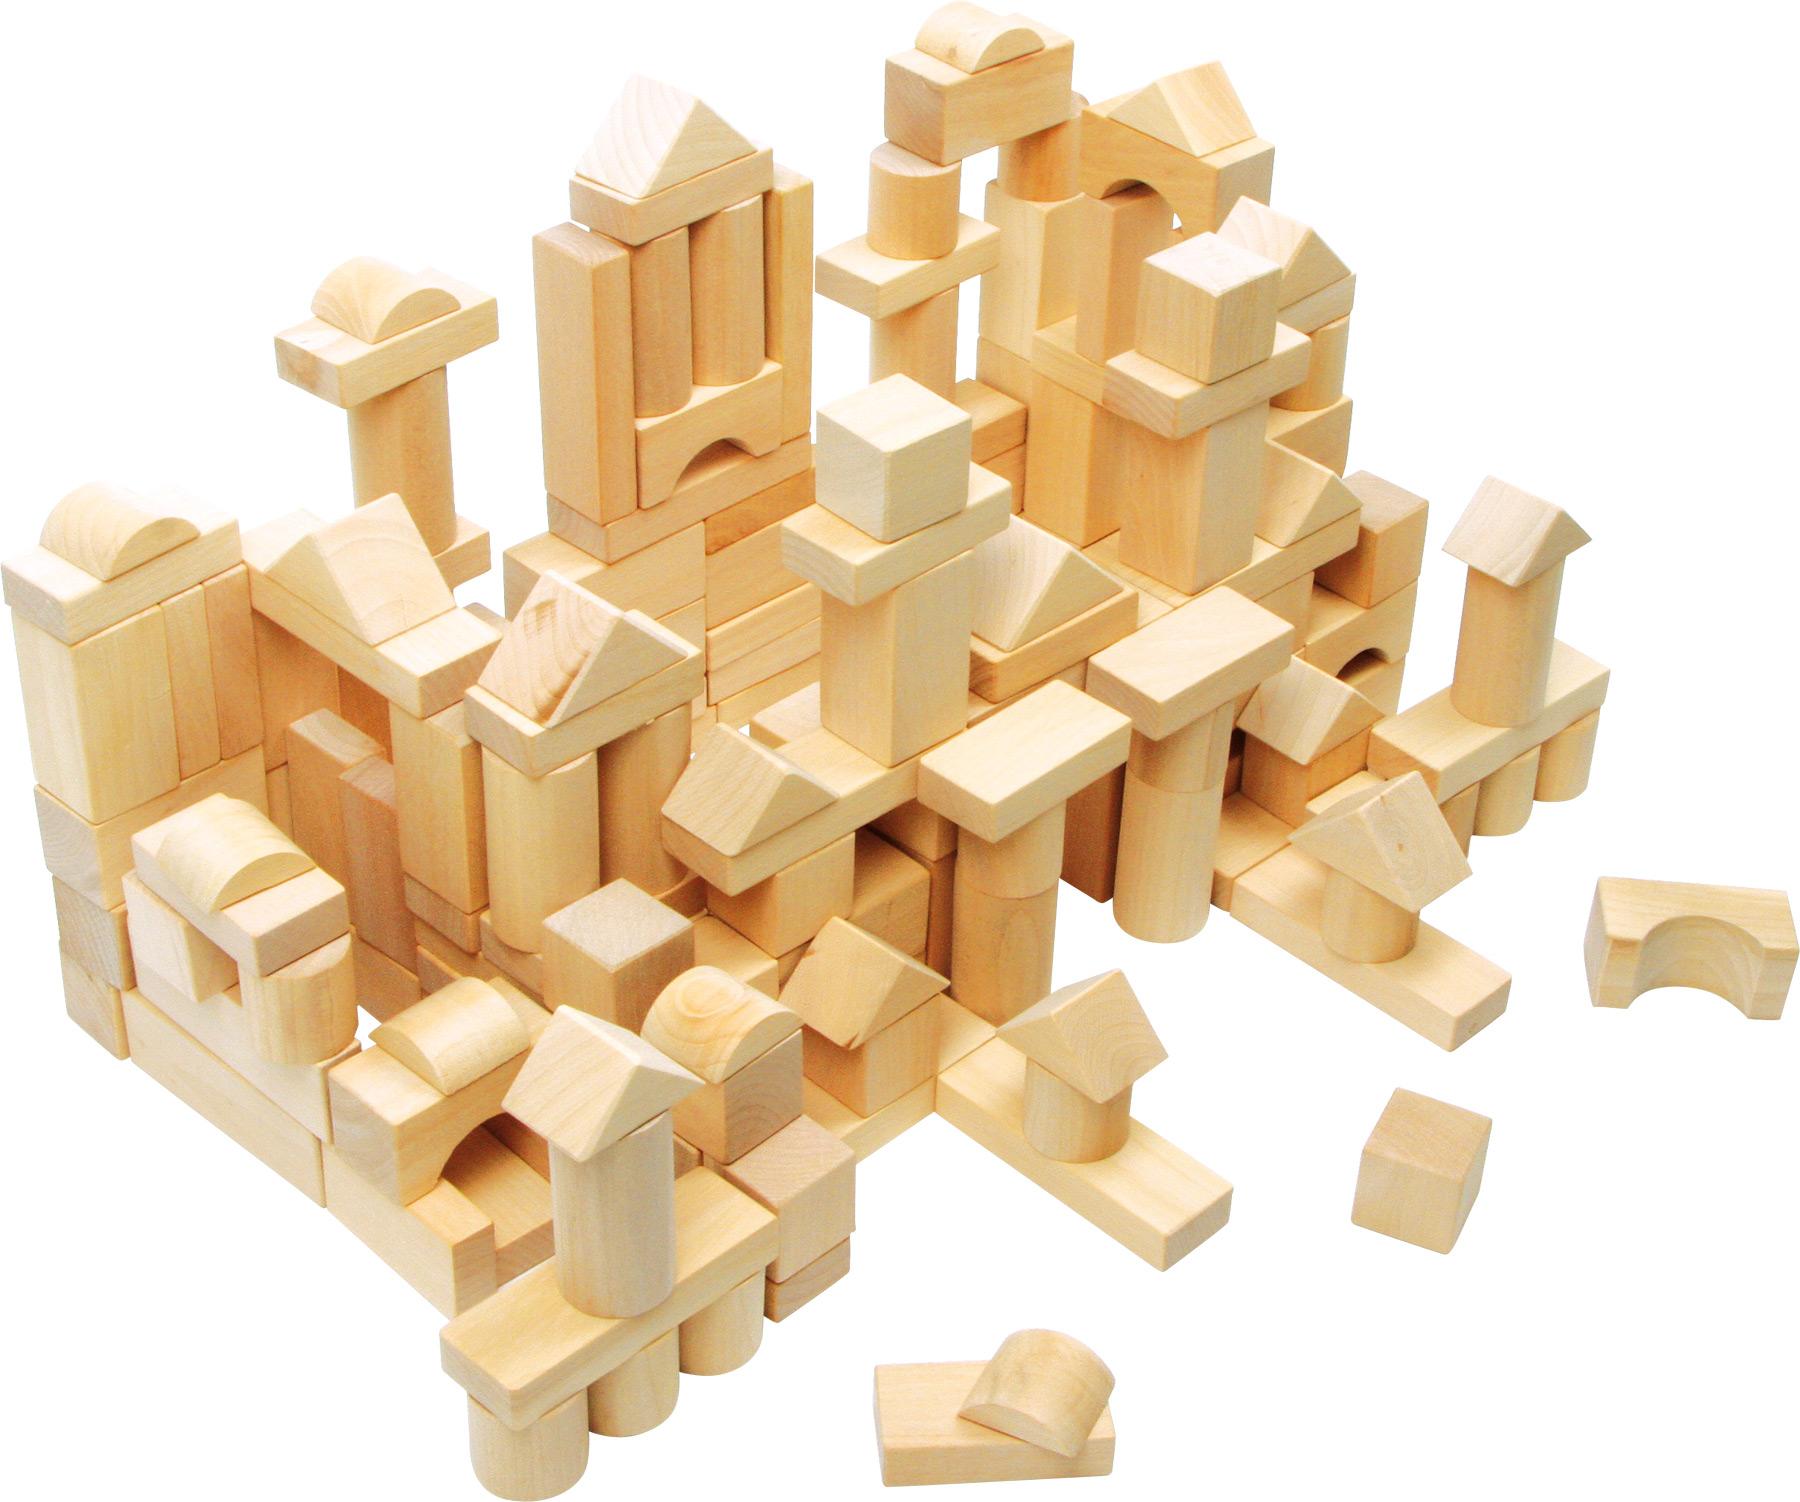 100 Natural Wood Blocks in a Bag